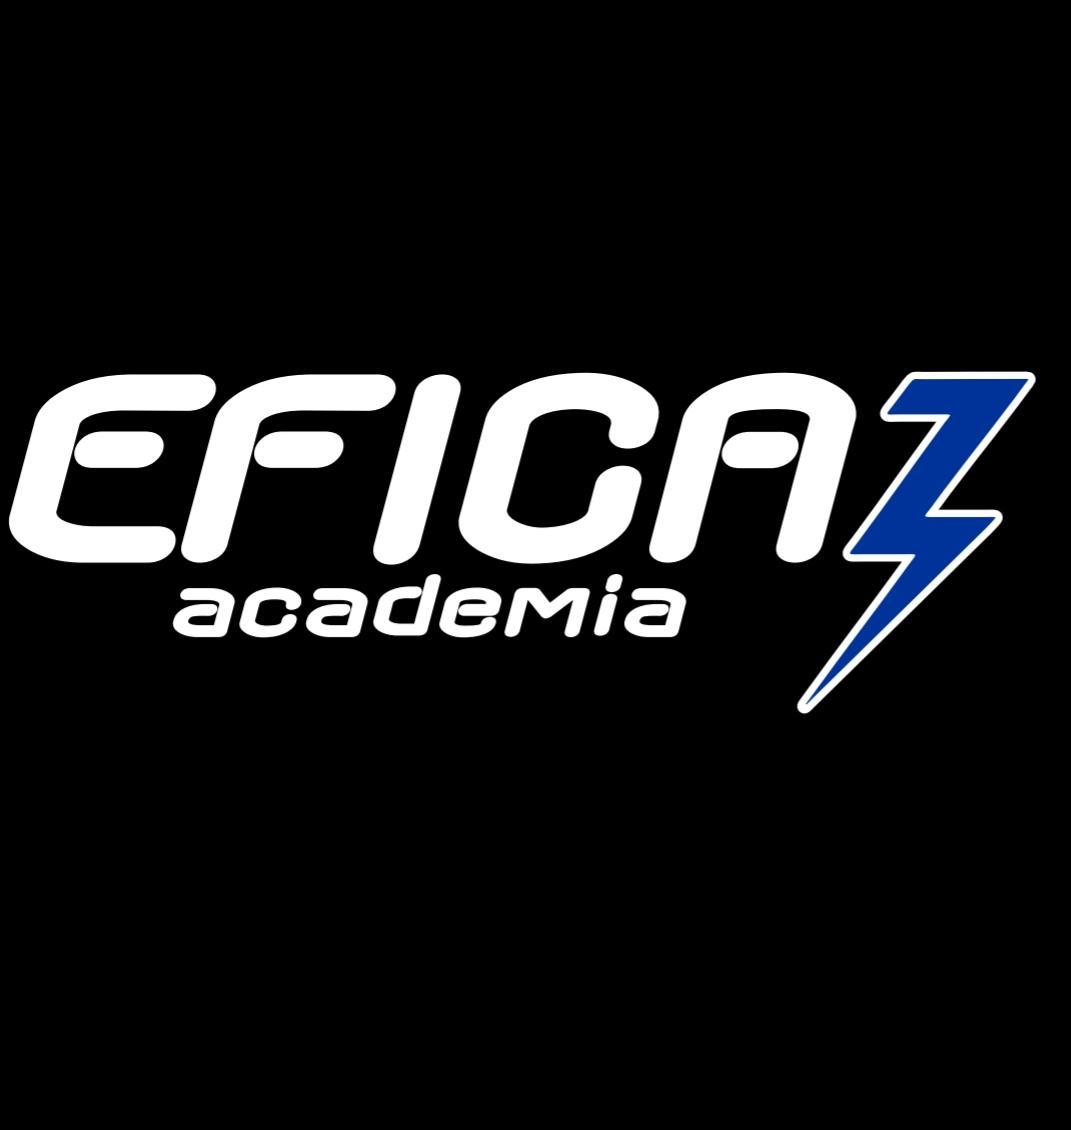 Eficaz Academia